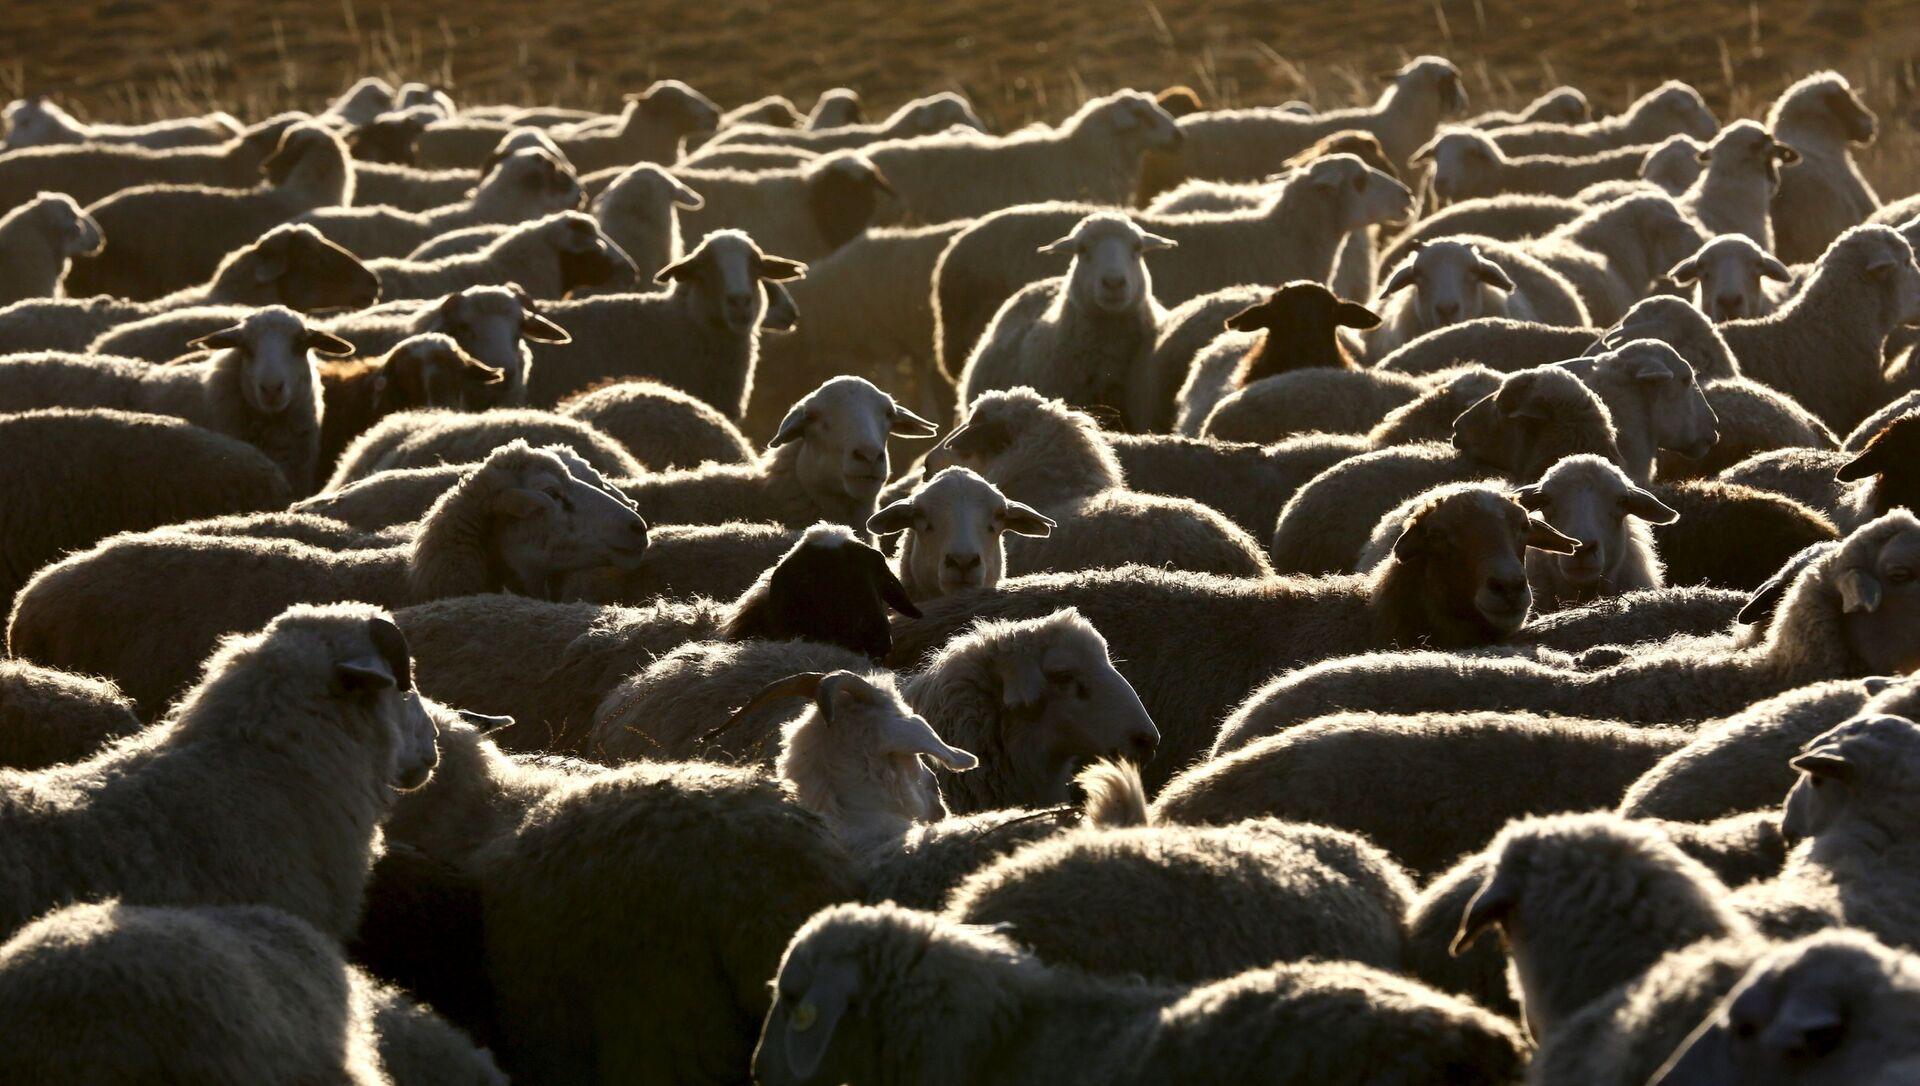 Đàn cừu và dê - Sputnik Việt Nam, 1920, 17.08.2021